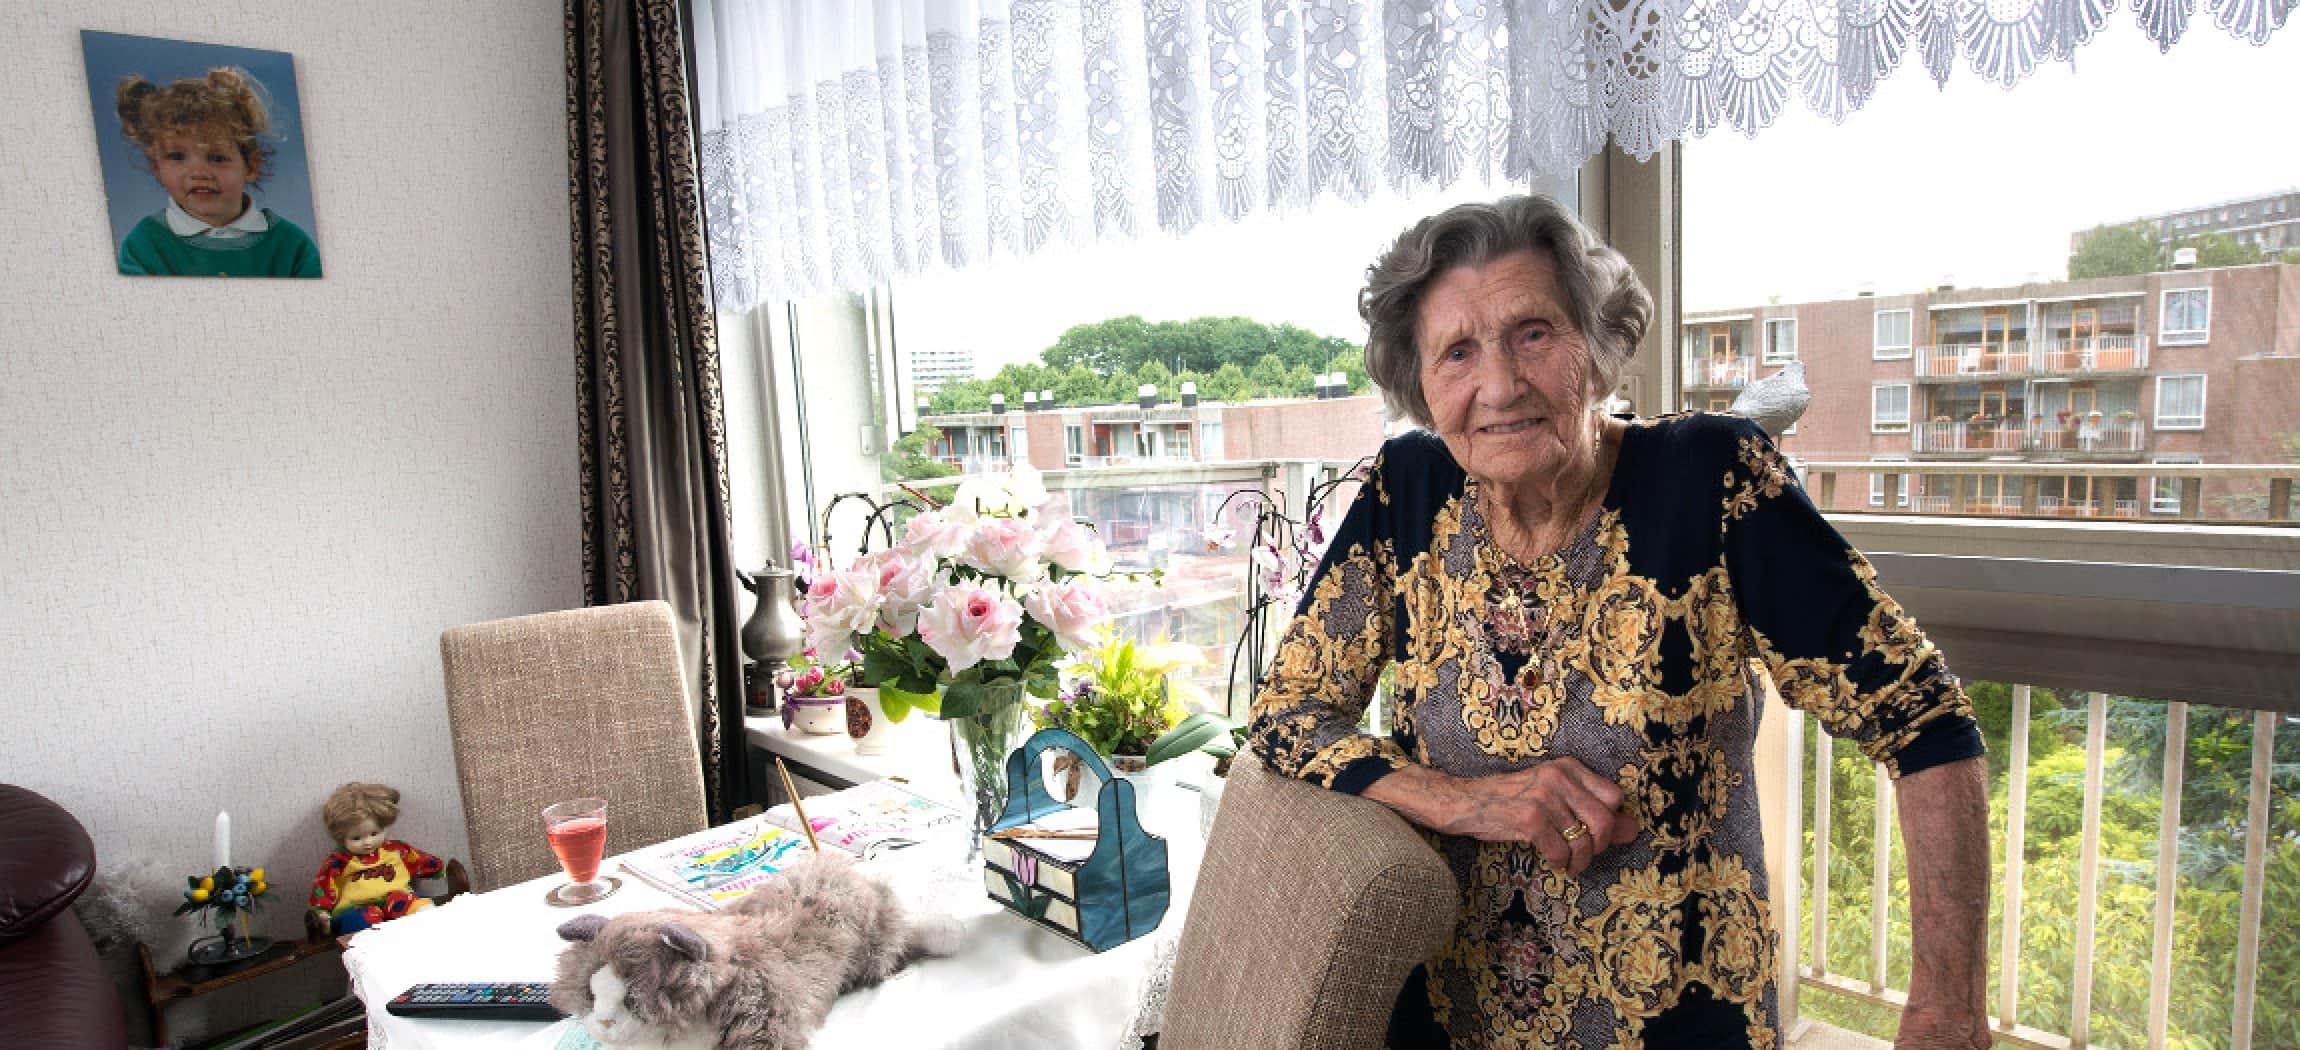 Trotse vrouw in gezellig appartement in een verzorgingshuis